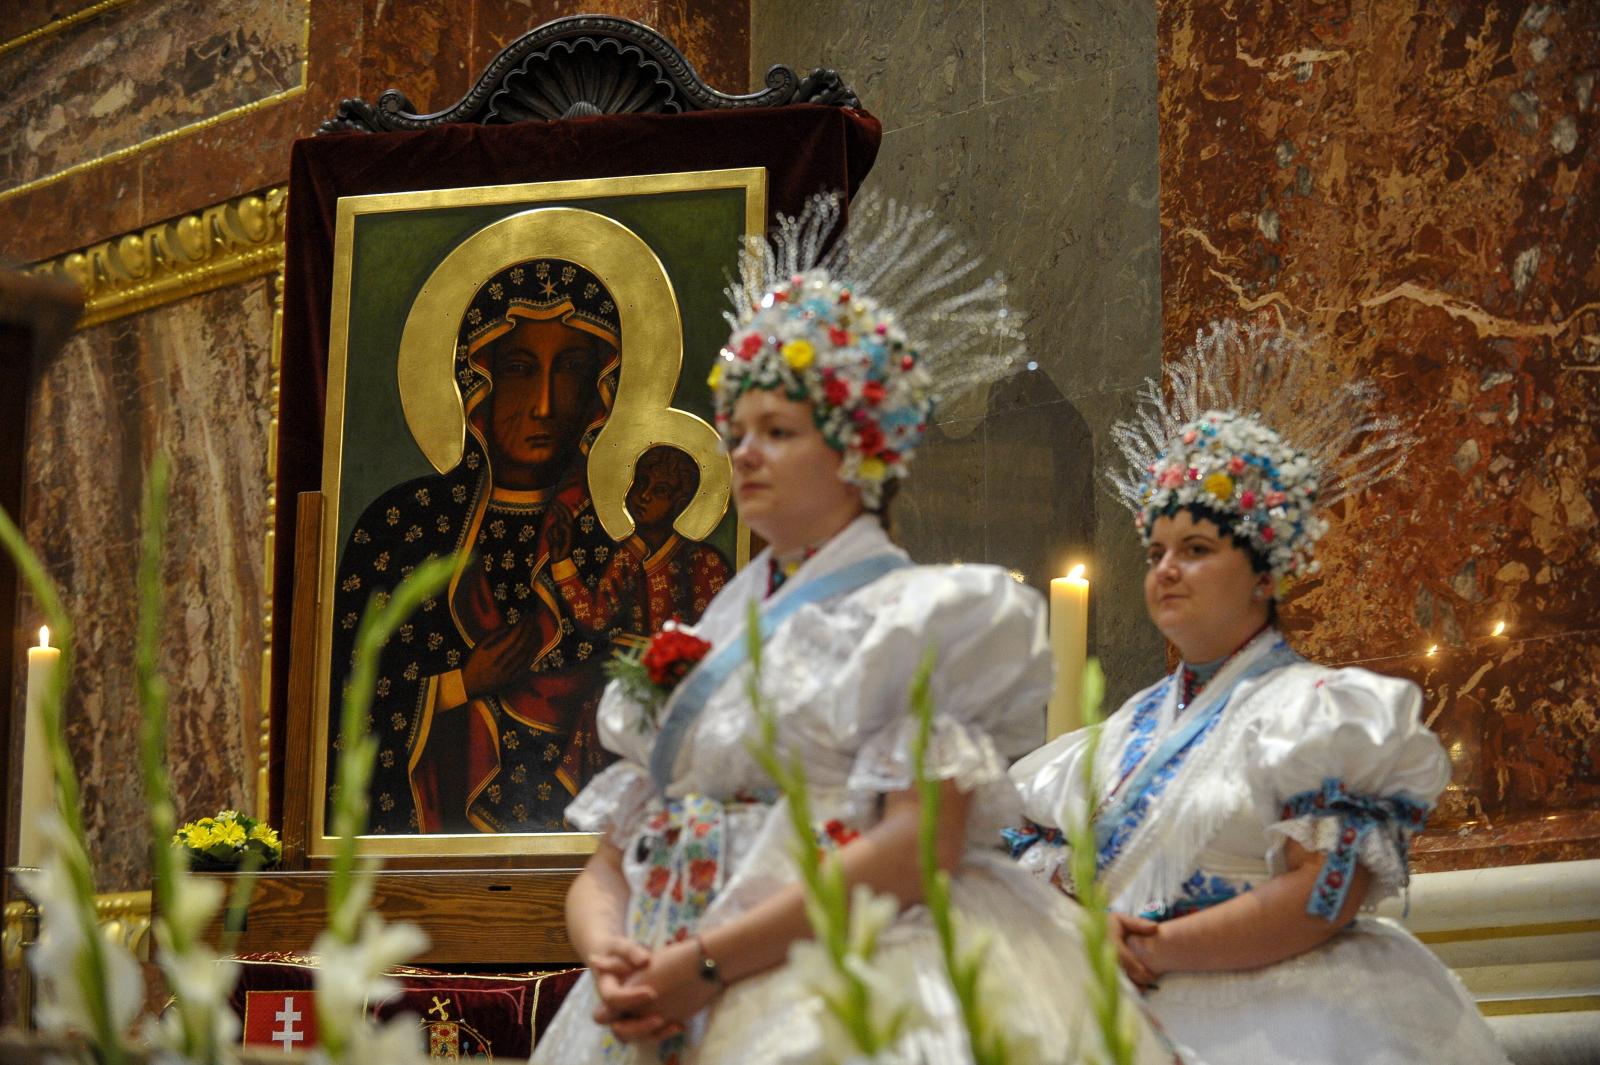 Koronacja kopii obrazu Matki Boskiej Częstochowskiej w Budapeszcie Fot. PAP pt. Karczewski